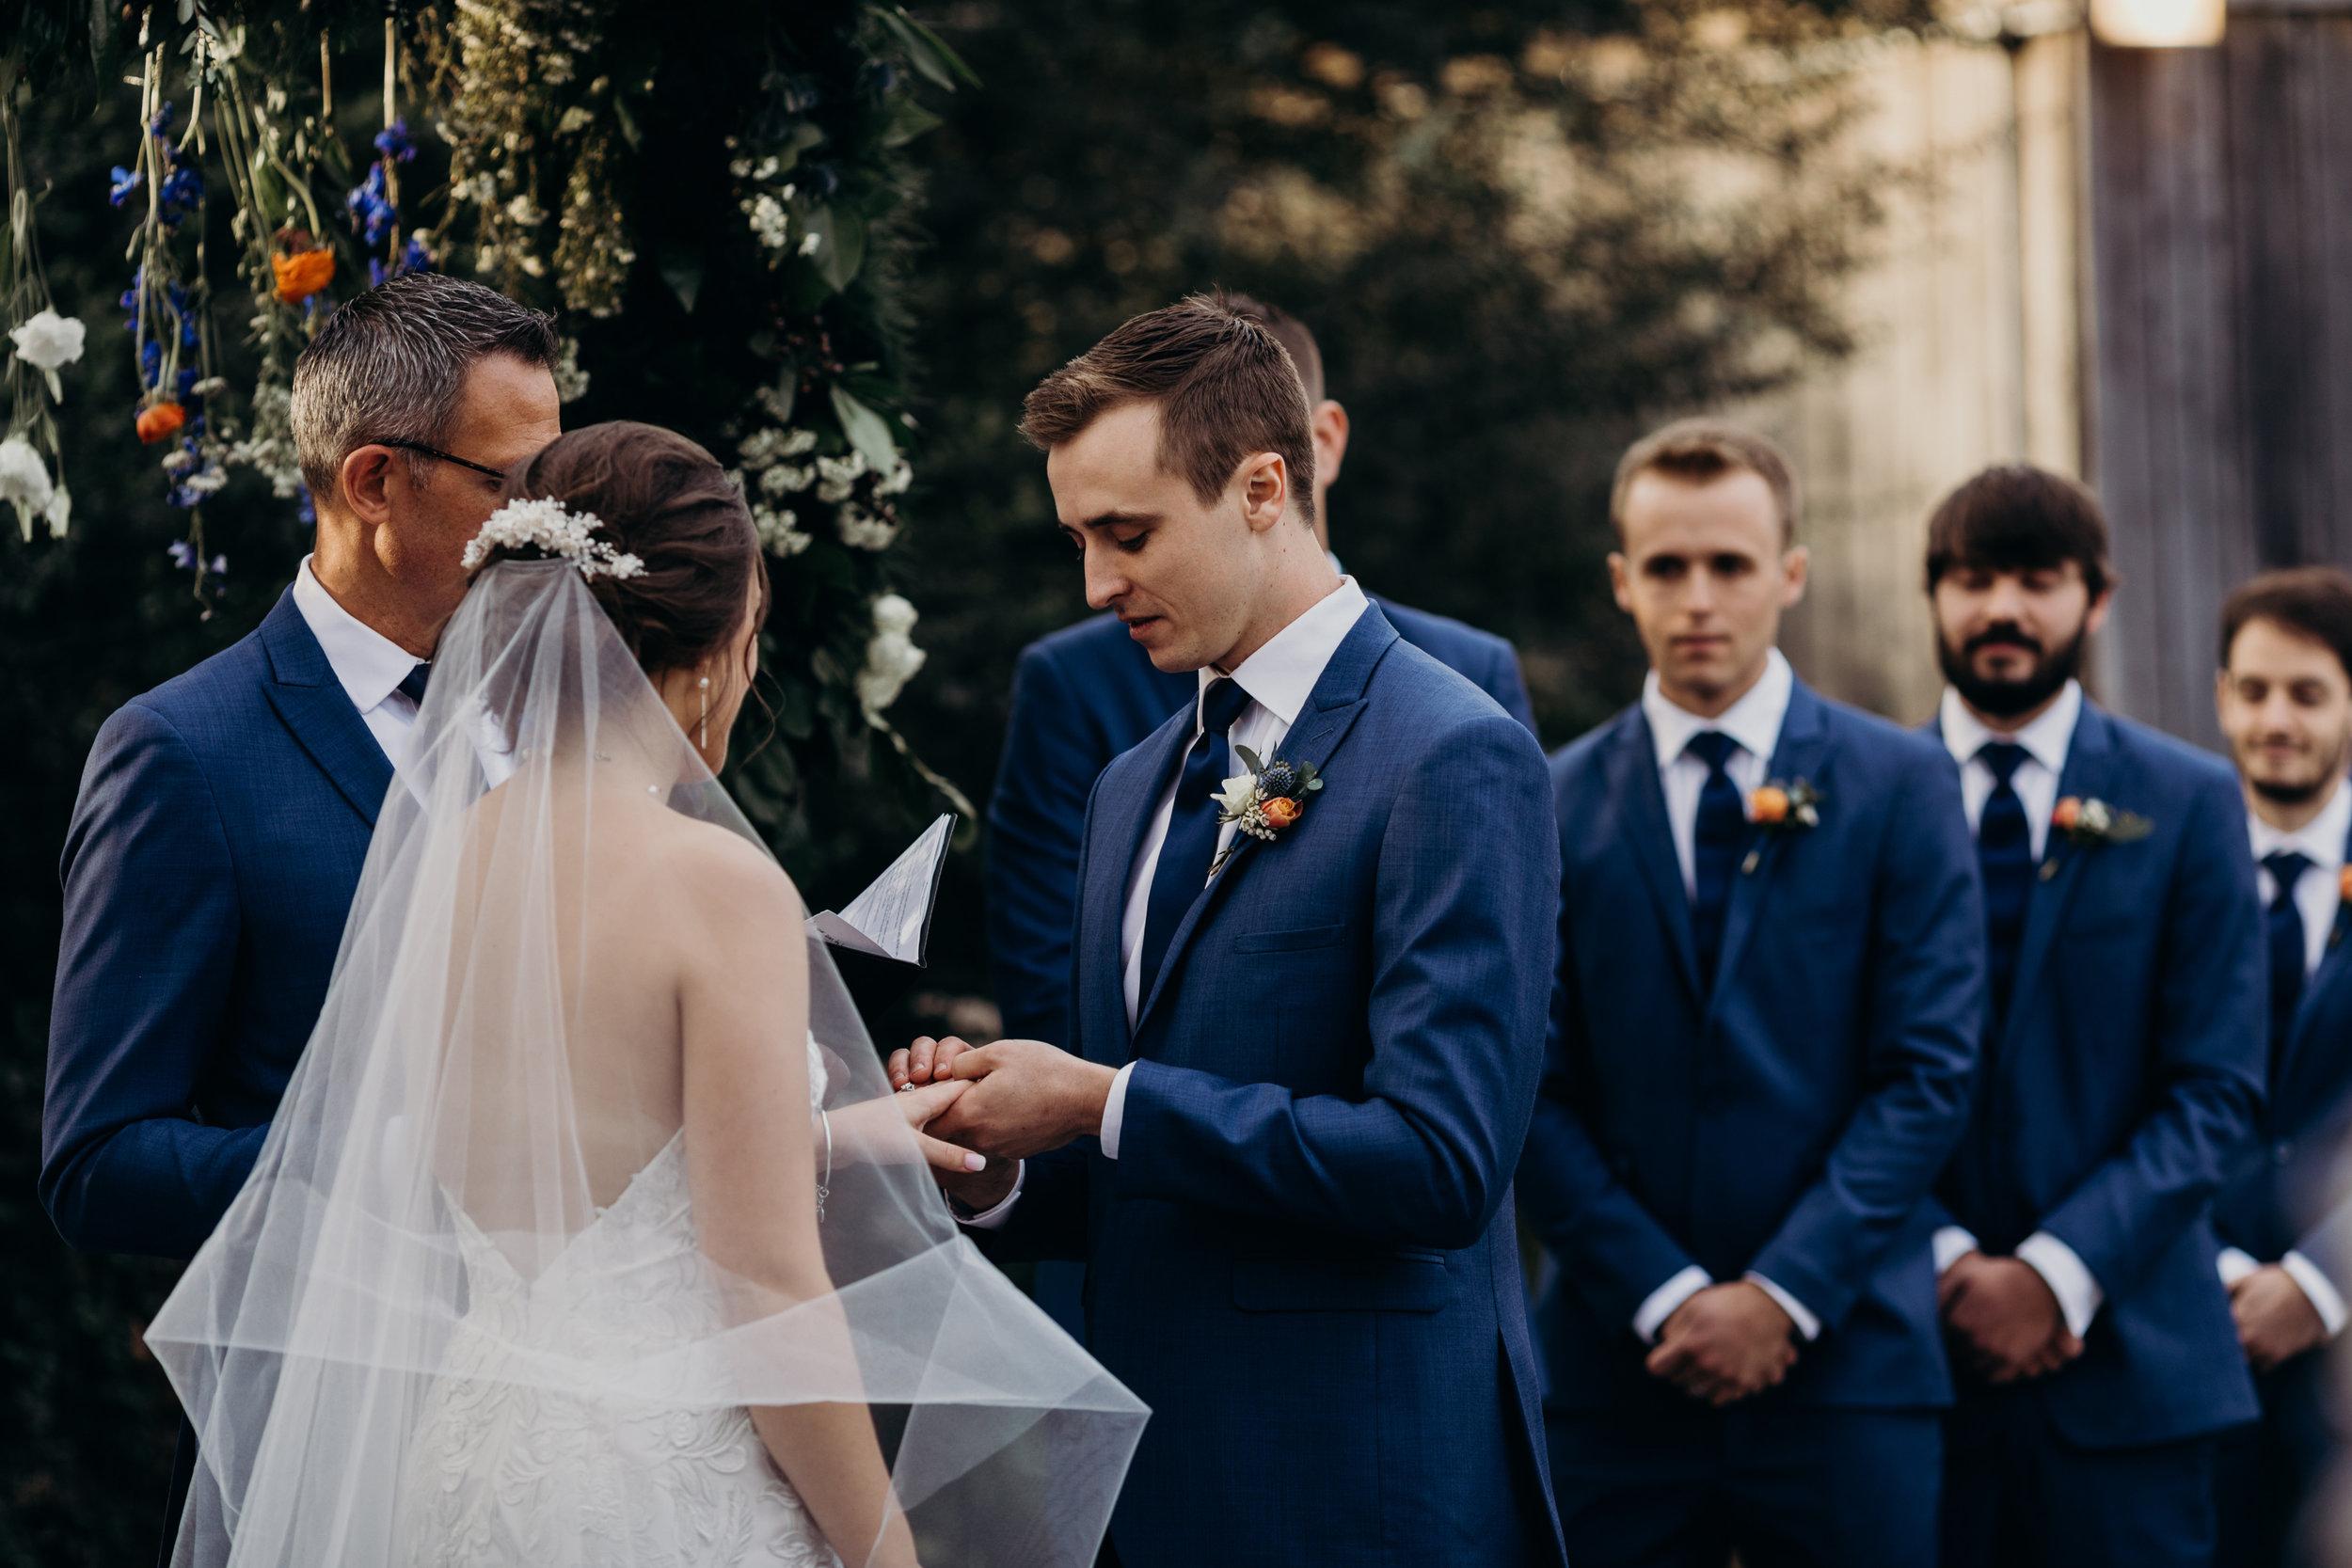 538-ltw-morgan-adam-wedding.jpg